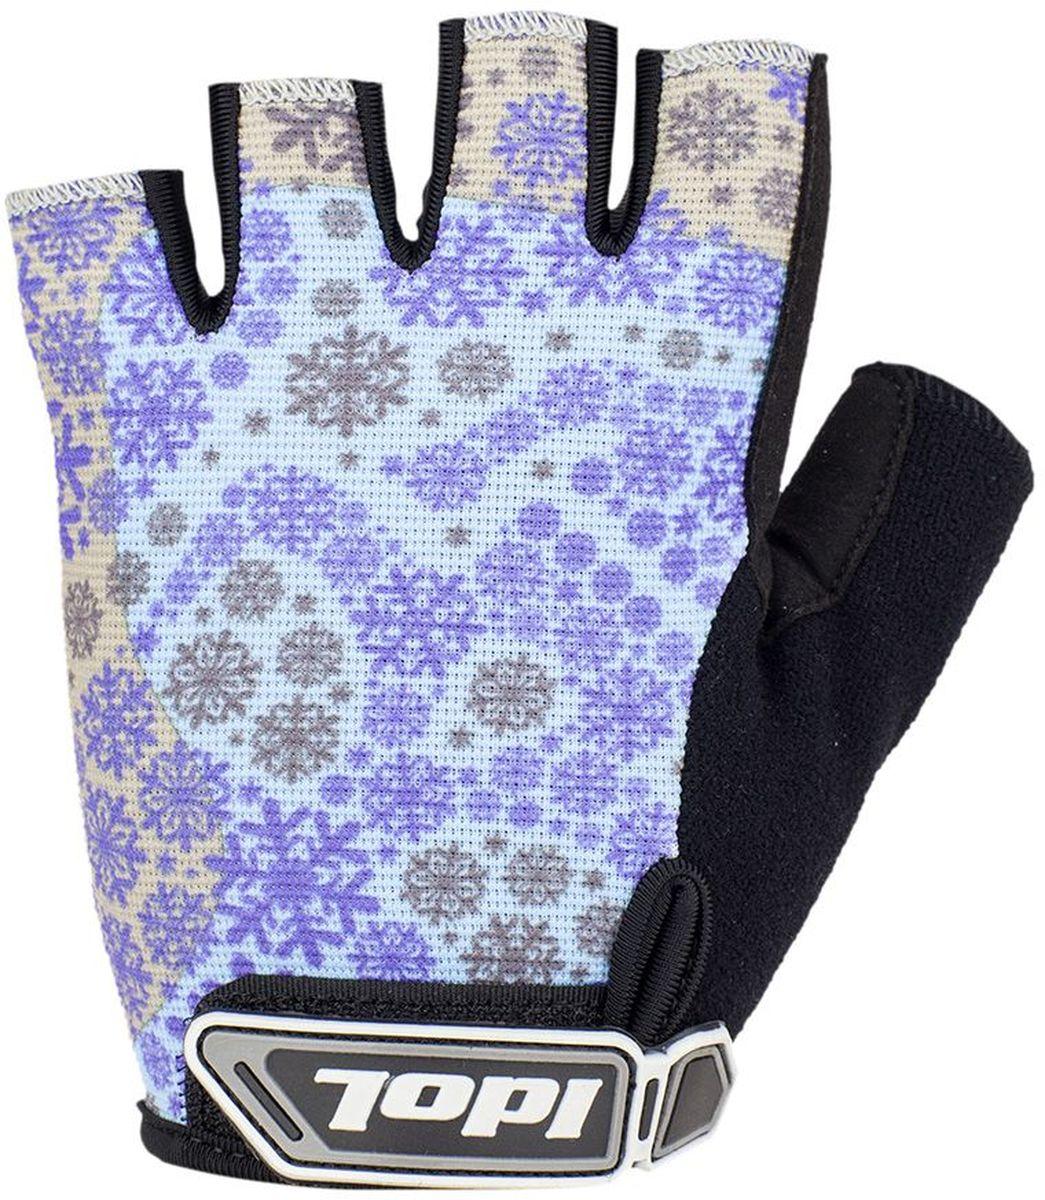 Перчатки велосипедные женские Idol Arosa. Размер S2931Велосипедные перчатки с открытыми пальцами Idol AROSA предназначены для велоспорта, велотуризма, велосипедных прогулок. Верх выполнен из высококачественного материала 4-way stretch, который отличается повышенной воздухопроницаемостью. Ладонь изготовлена из синтетической кожи Amara. Большой палец перчатки отделан влагоотводящим материалом. На запястьях перчатки фиксируются прочными липучками. Для удобства снятия каждая перчатка оснащена двумя небольшими петельками.Высокое качество, технически совершенные материалы, оригинальный стильный дизайн, функциональность и долговечность выделяют велоперчатки Idol среди прочих.Гид по велоаксессуарам. Статья OZON Гид